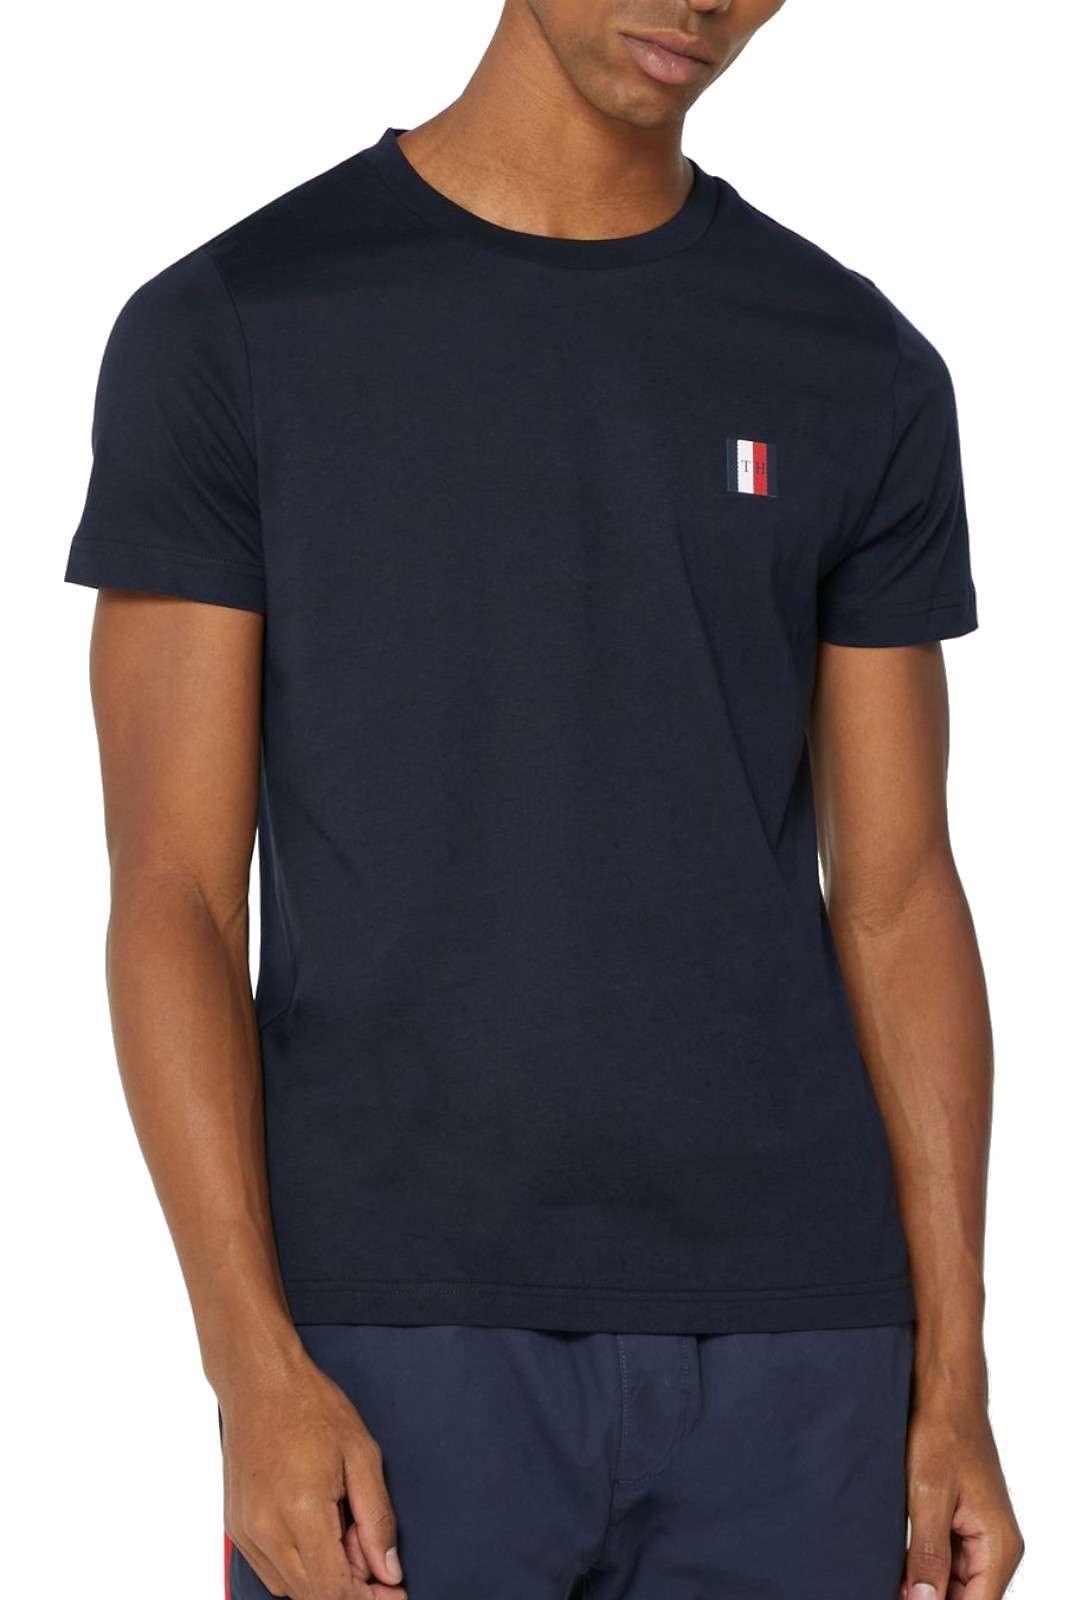 Una t shirt 100% cotone quella firmata Tommy Hilfiger. Semplice e alla moda, da indossare con vari tipi di outfit. Abbinata ad un bermuda o un jeans è un'evergreen dell'estate.